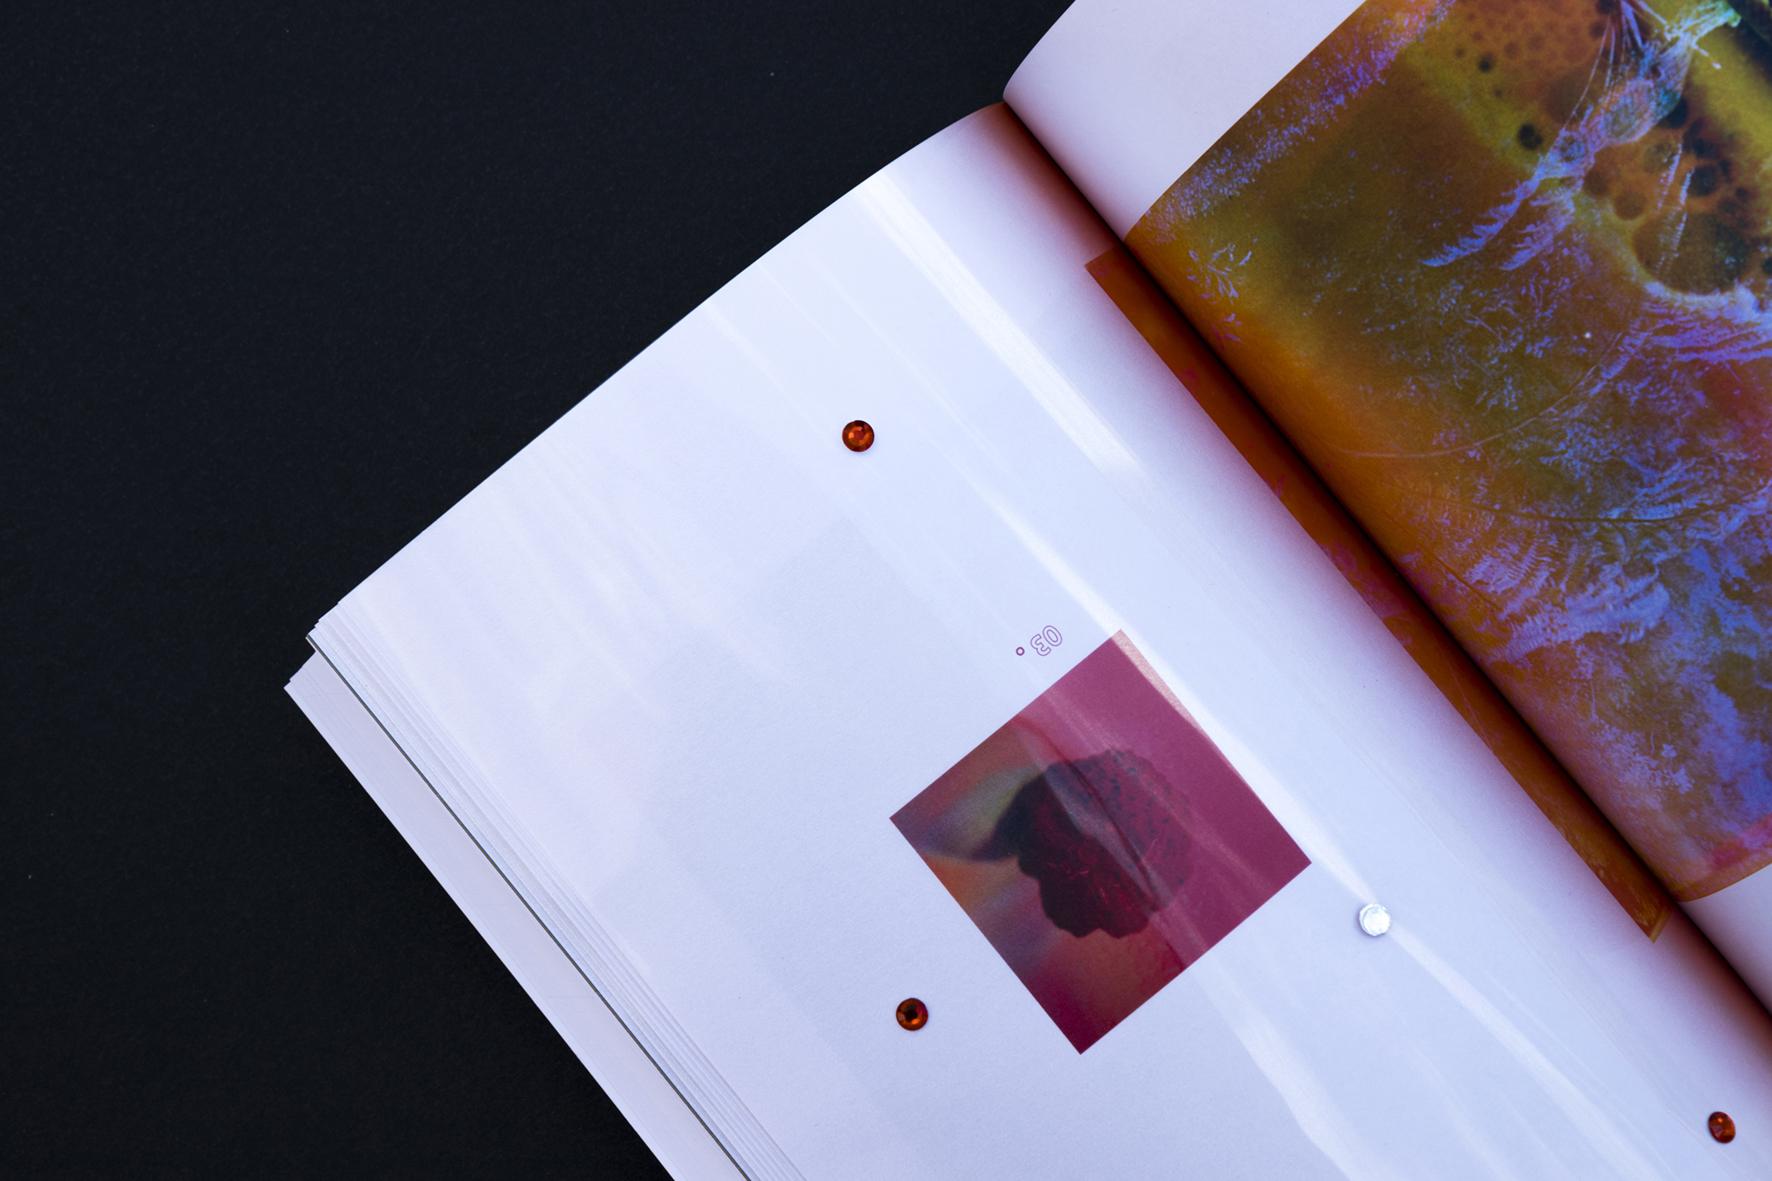 Basim Magdy - Libro fotografía by Isabel Puyol Zoco - Creative Work - $i